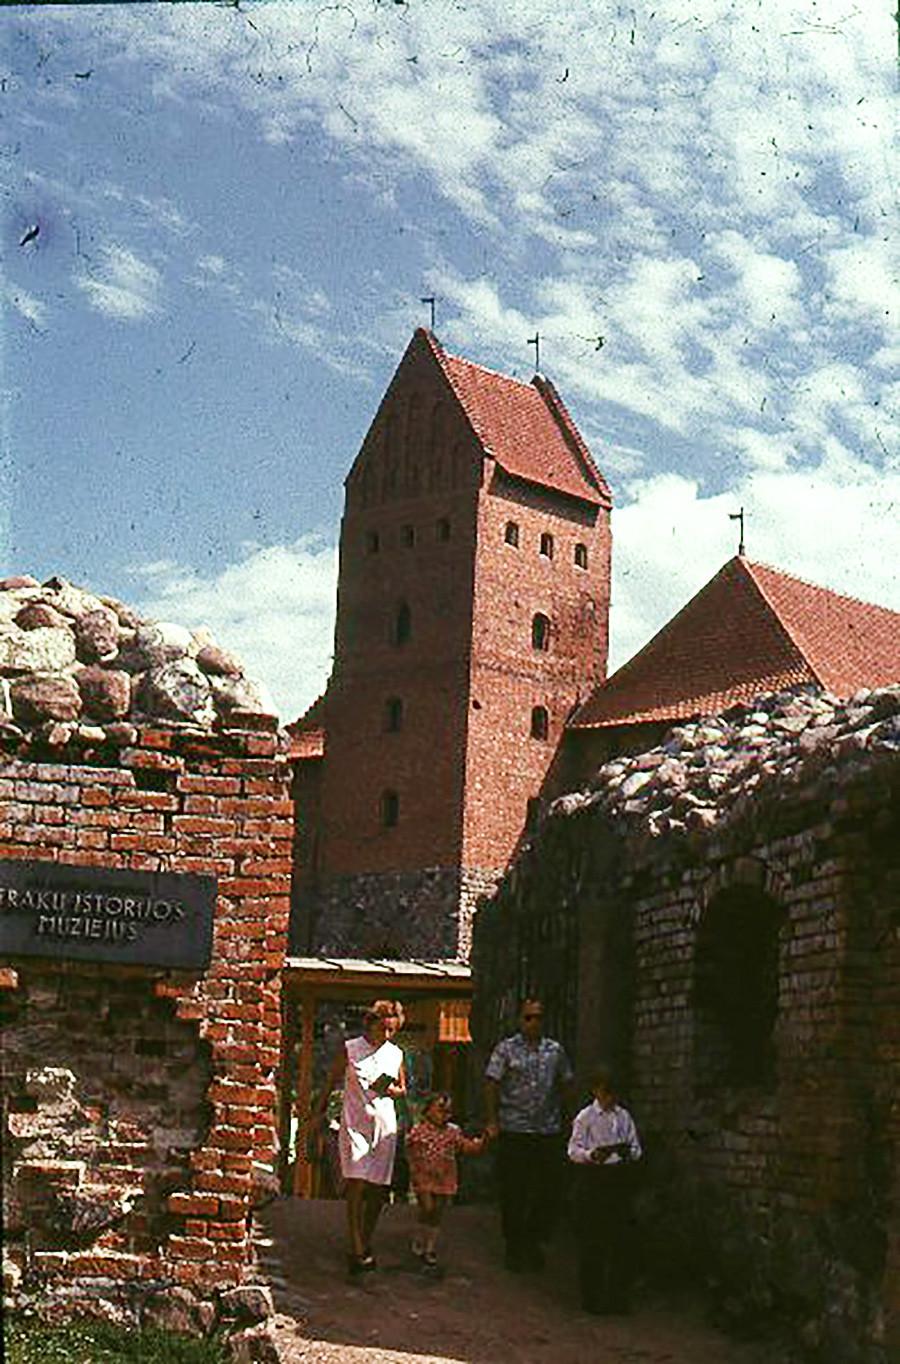 Тракајски замок. Снимено: 1965-1969. Замокот го подигнал Кејстут во седумдесеттите години од четиринаесеттиот век на брегот на езерото Галва (или Тракајско езеро). Бил урнат во периодот 1382-1383 и повторно изграден кон крајот на владеењето на Витолд. Изградбата е завршена во 1409 година.